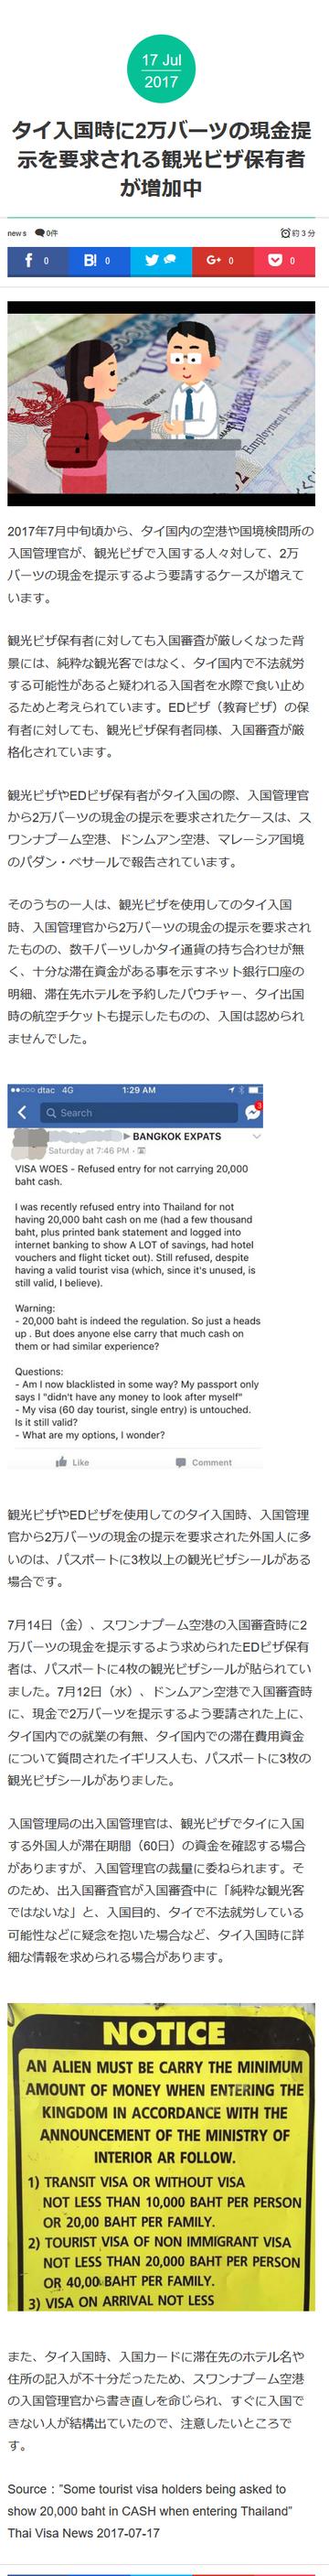 タイ入国時に2万バーツ